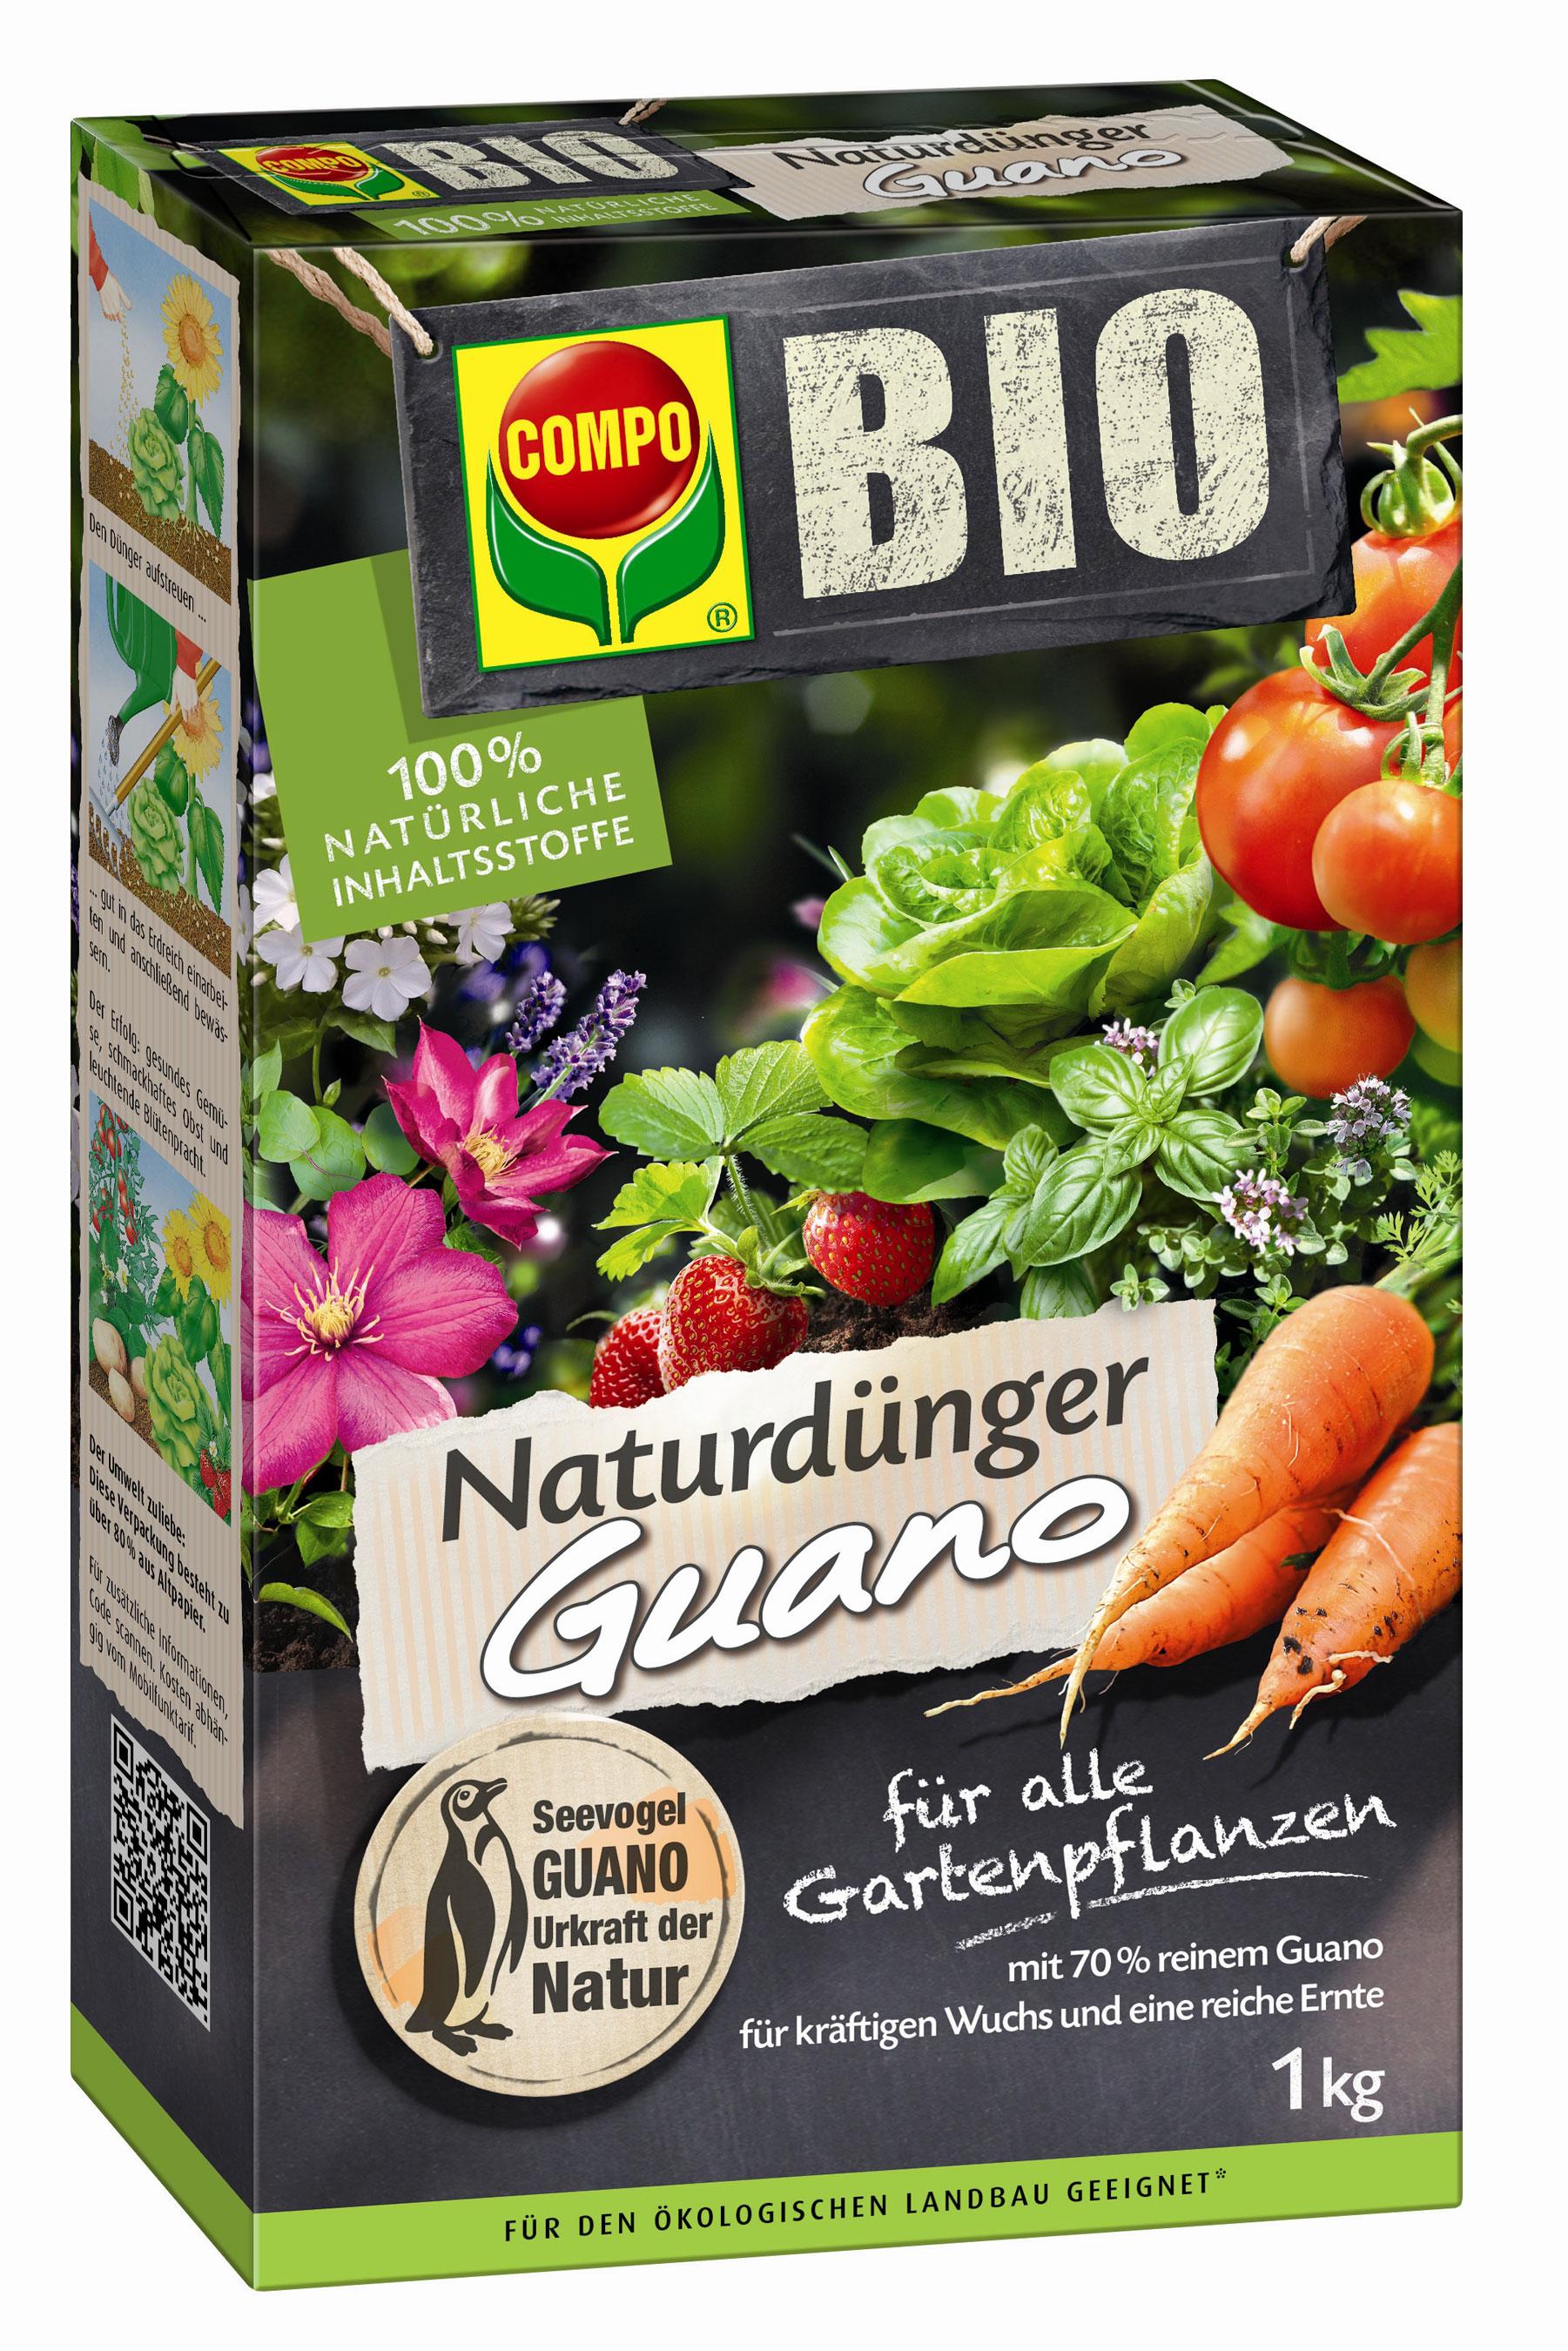 COMPO BIO NaturDünger Guano 1kg Bild 1